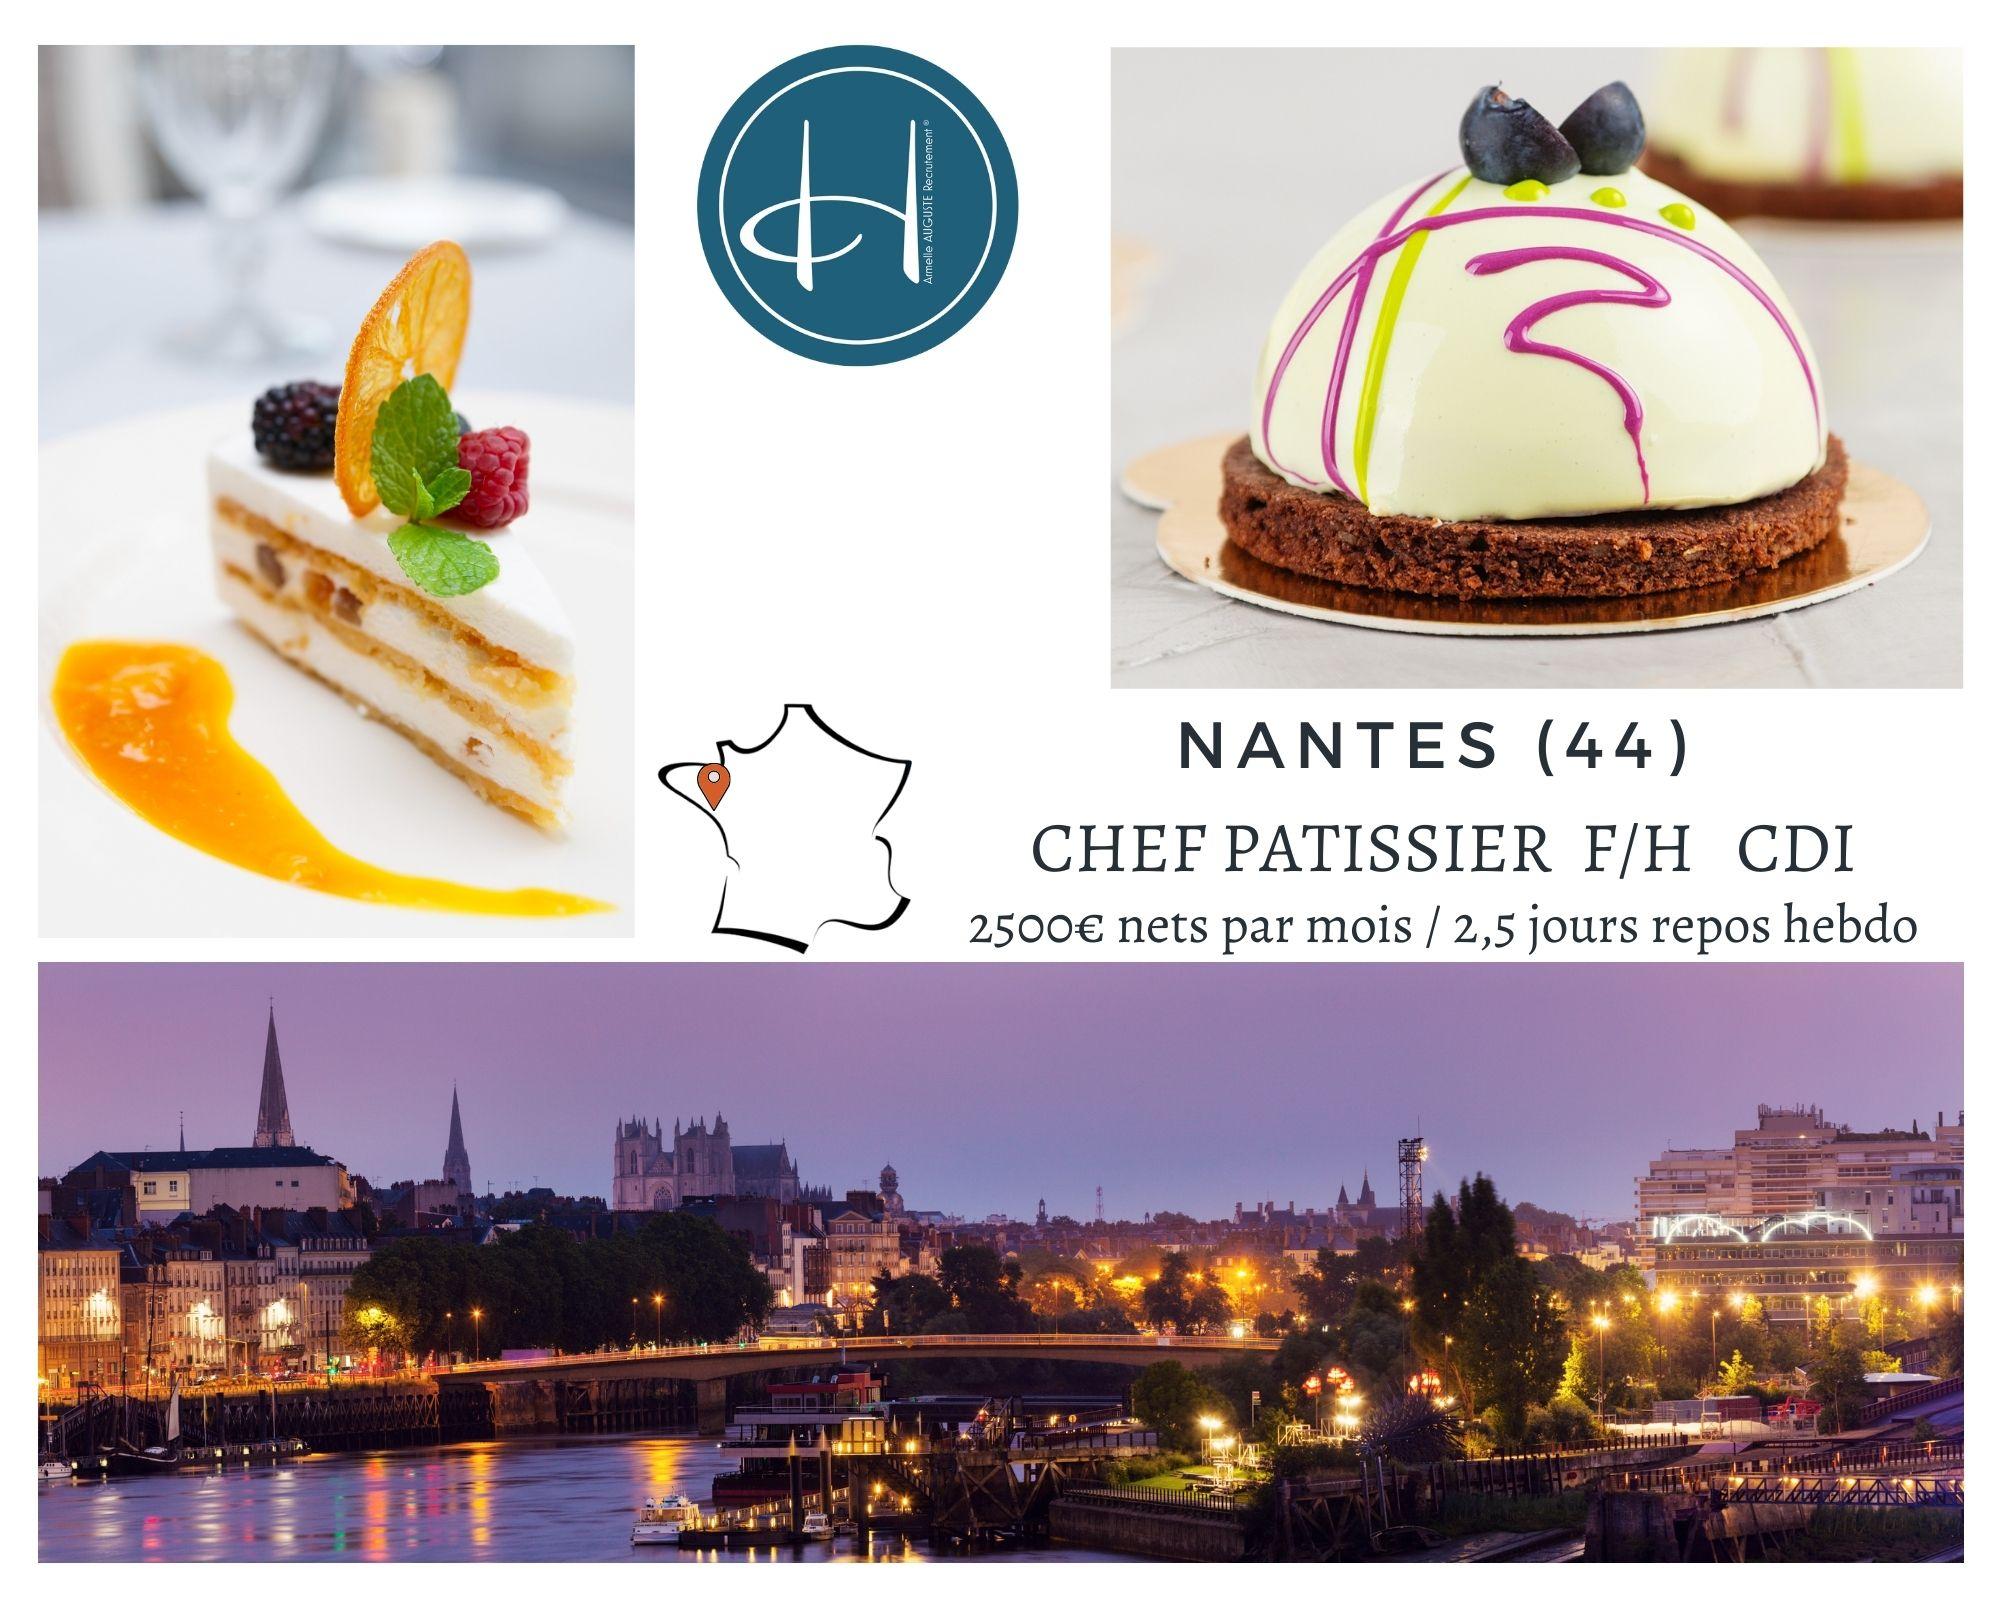 Recrutement: Chef pâtissier brasserie haut de gamme Nantes F/H chez Armelle AUGUSTE Recrutement® à Nantes